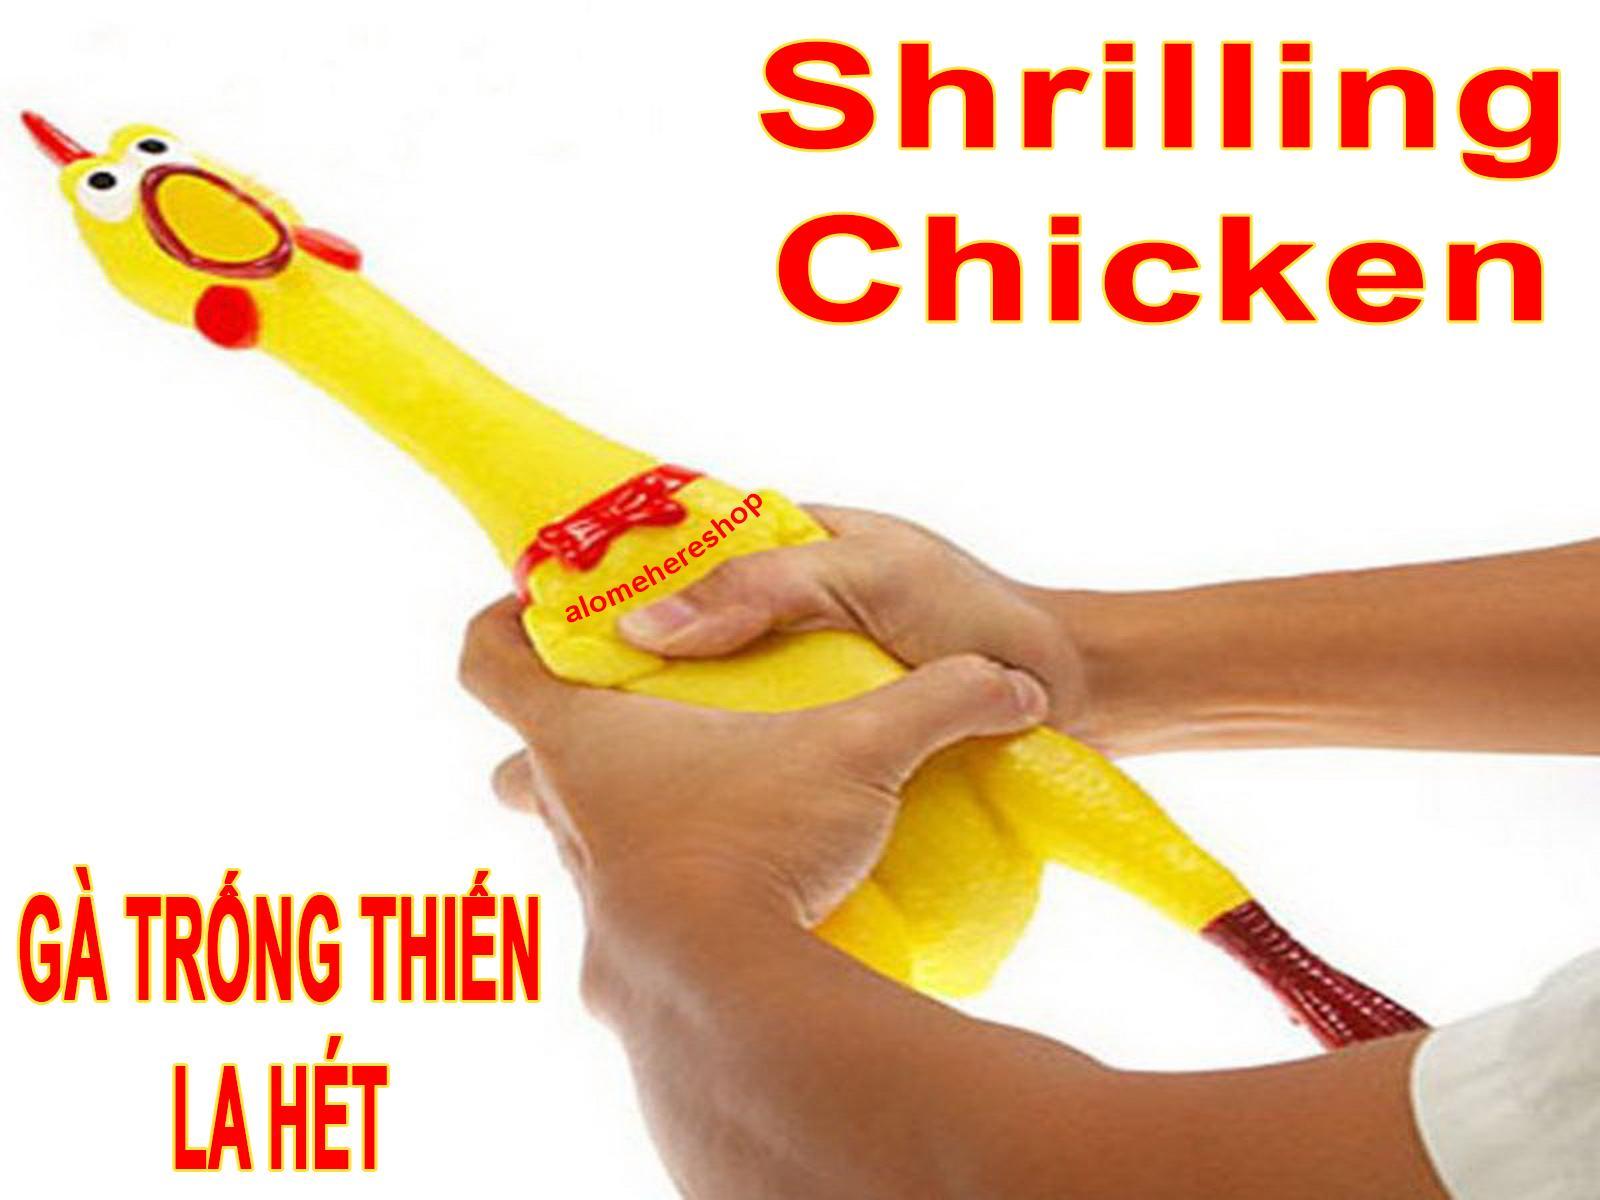 ga thet shrilling chicken